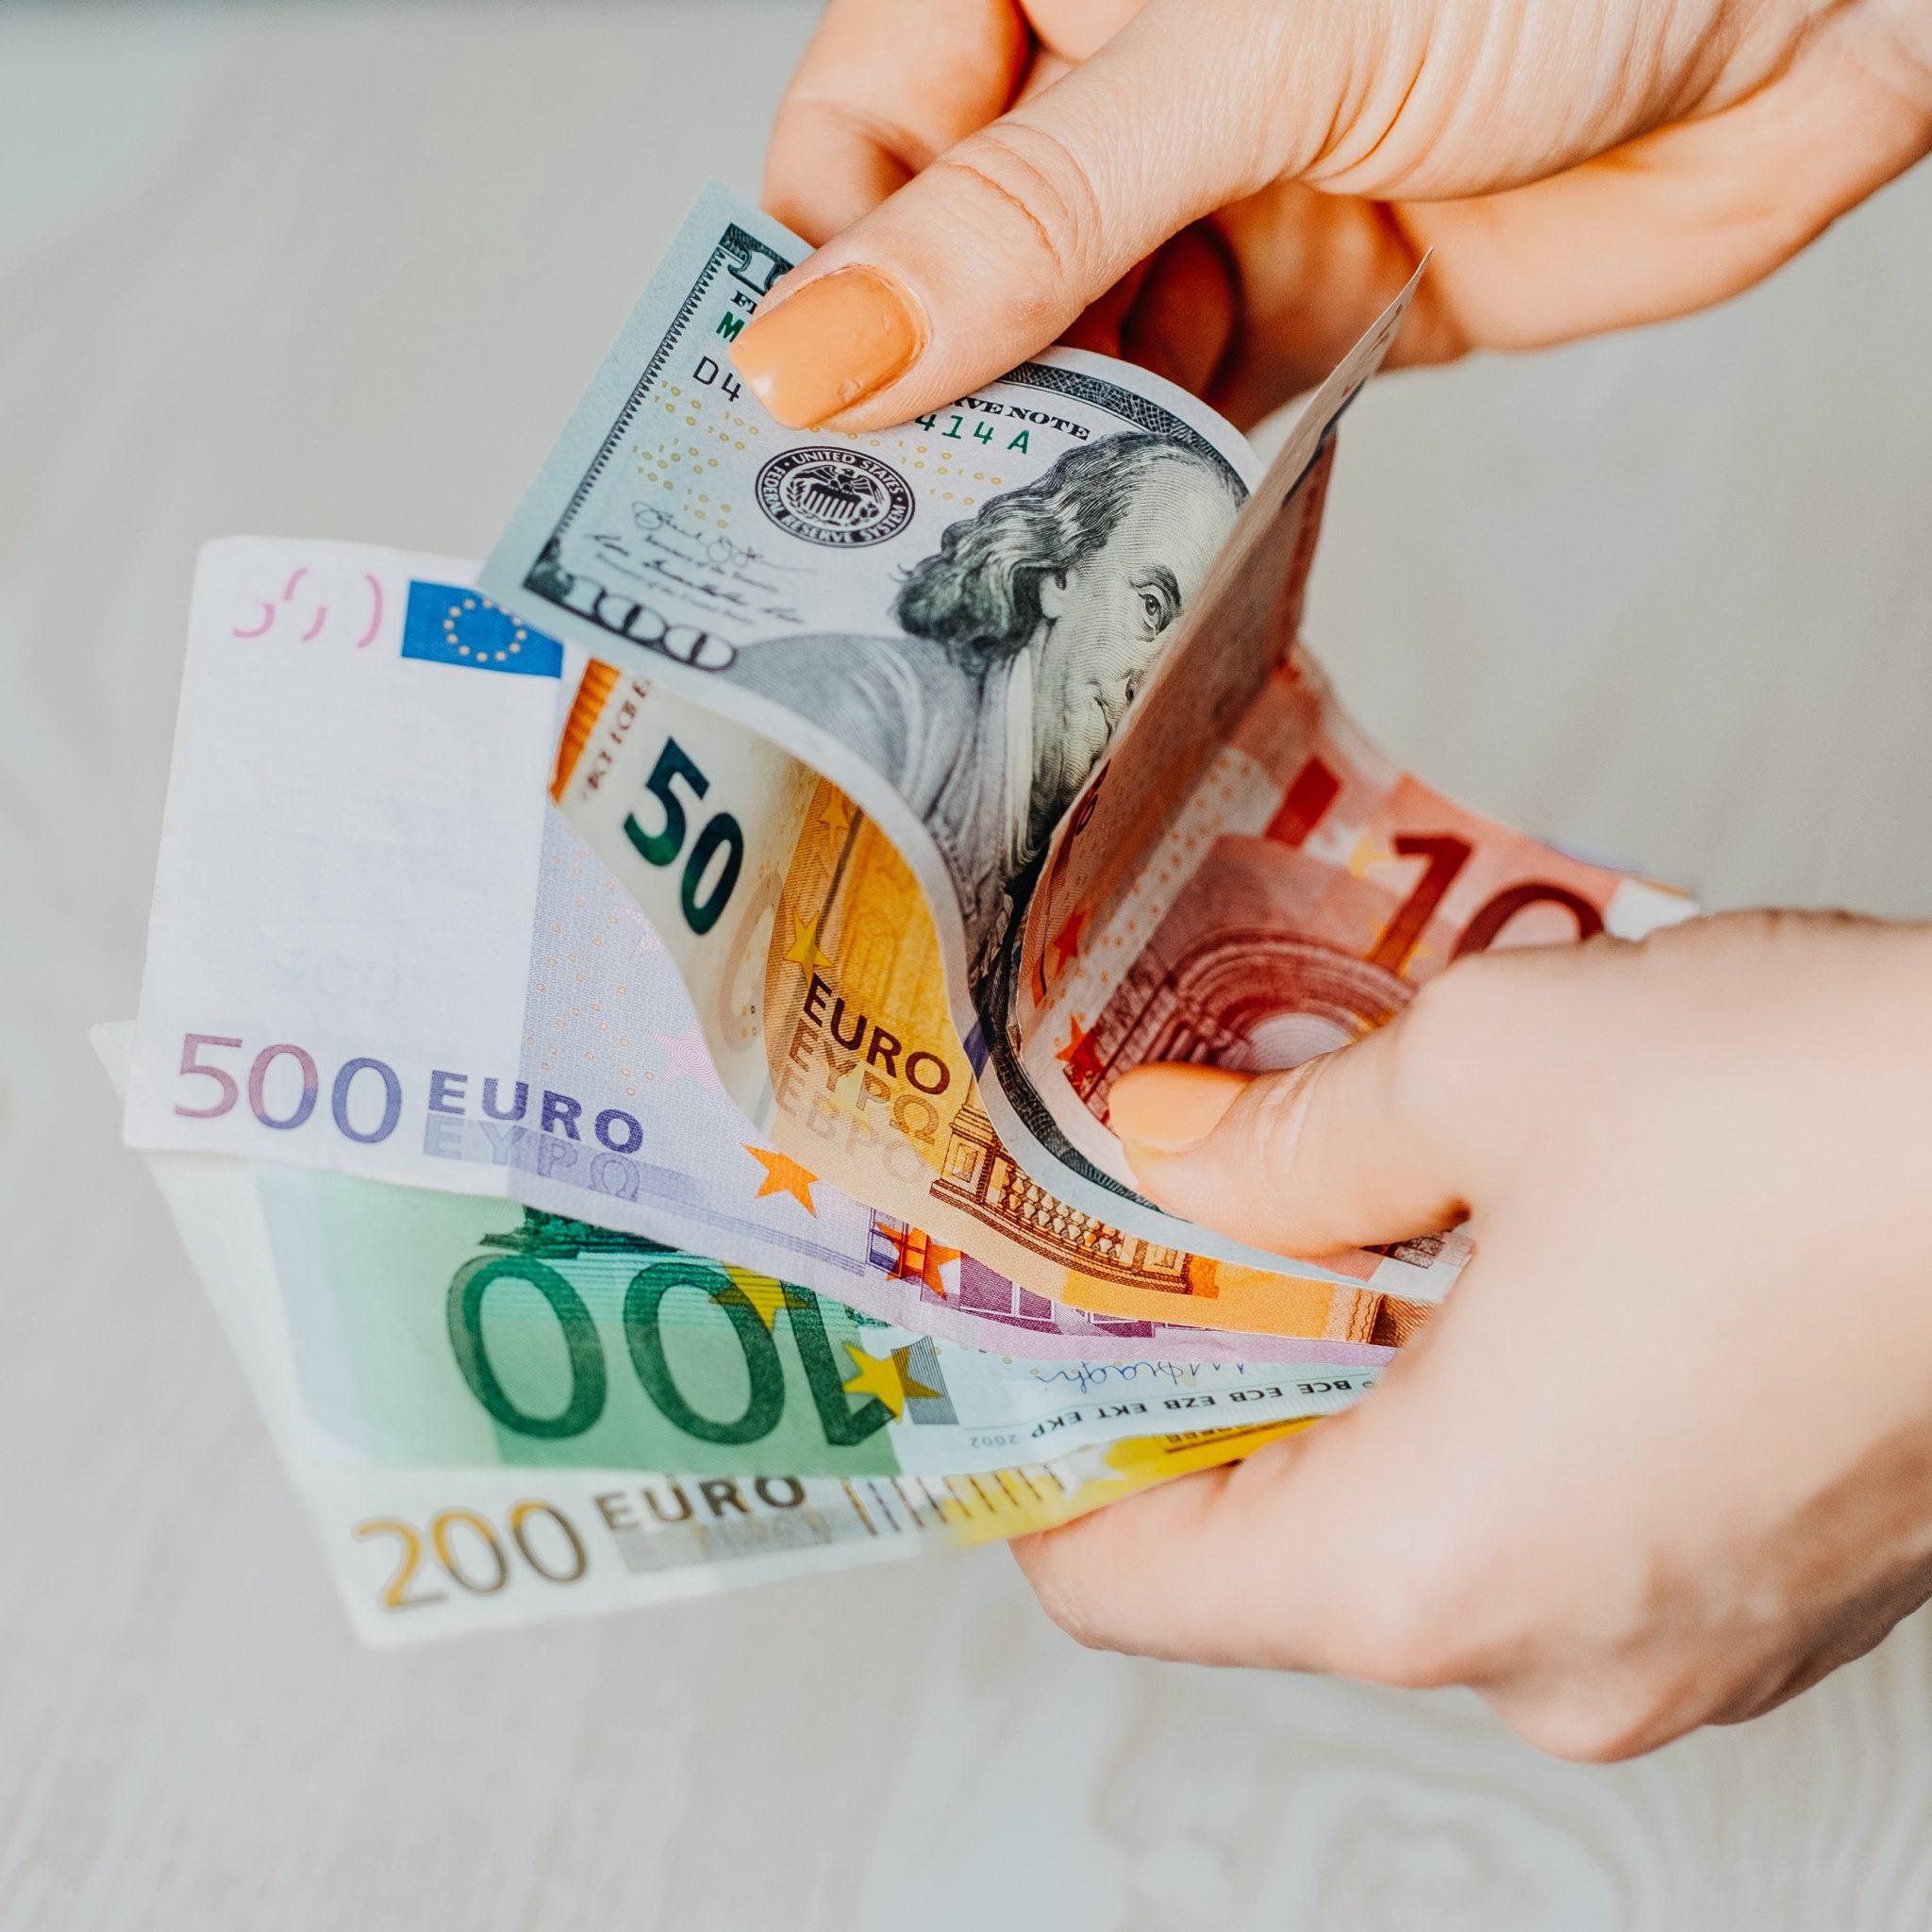 سعر اليورو اليوم الإثنين 5 يوليو 2021 وأسعار العملات العربية والأجنبية 1